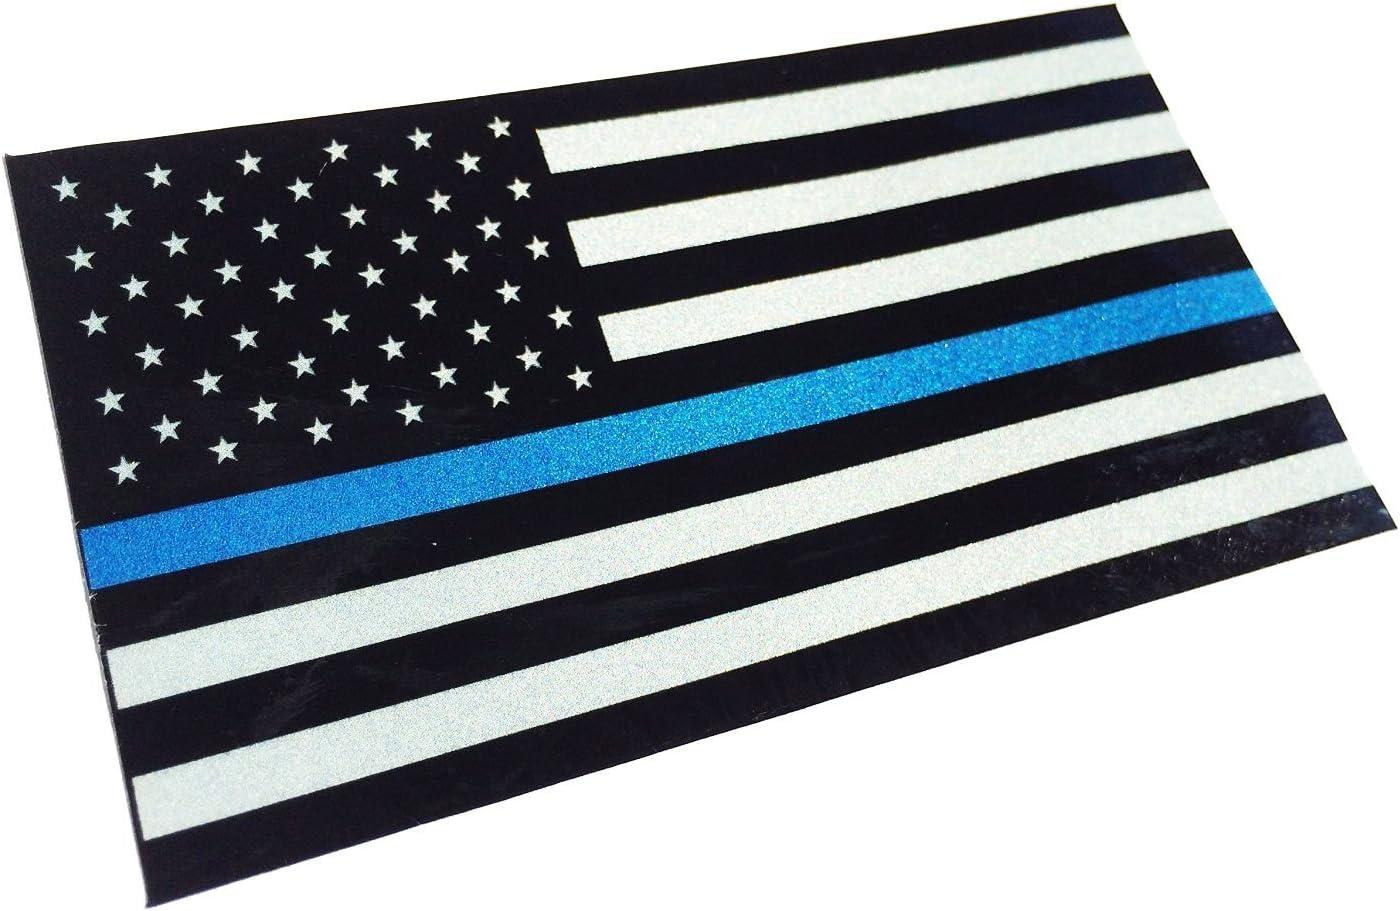 Amazon.es: Pequeña placa de licencia delgada línea azul reflectante 2 x 1